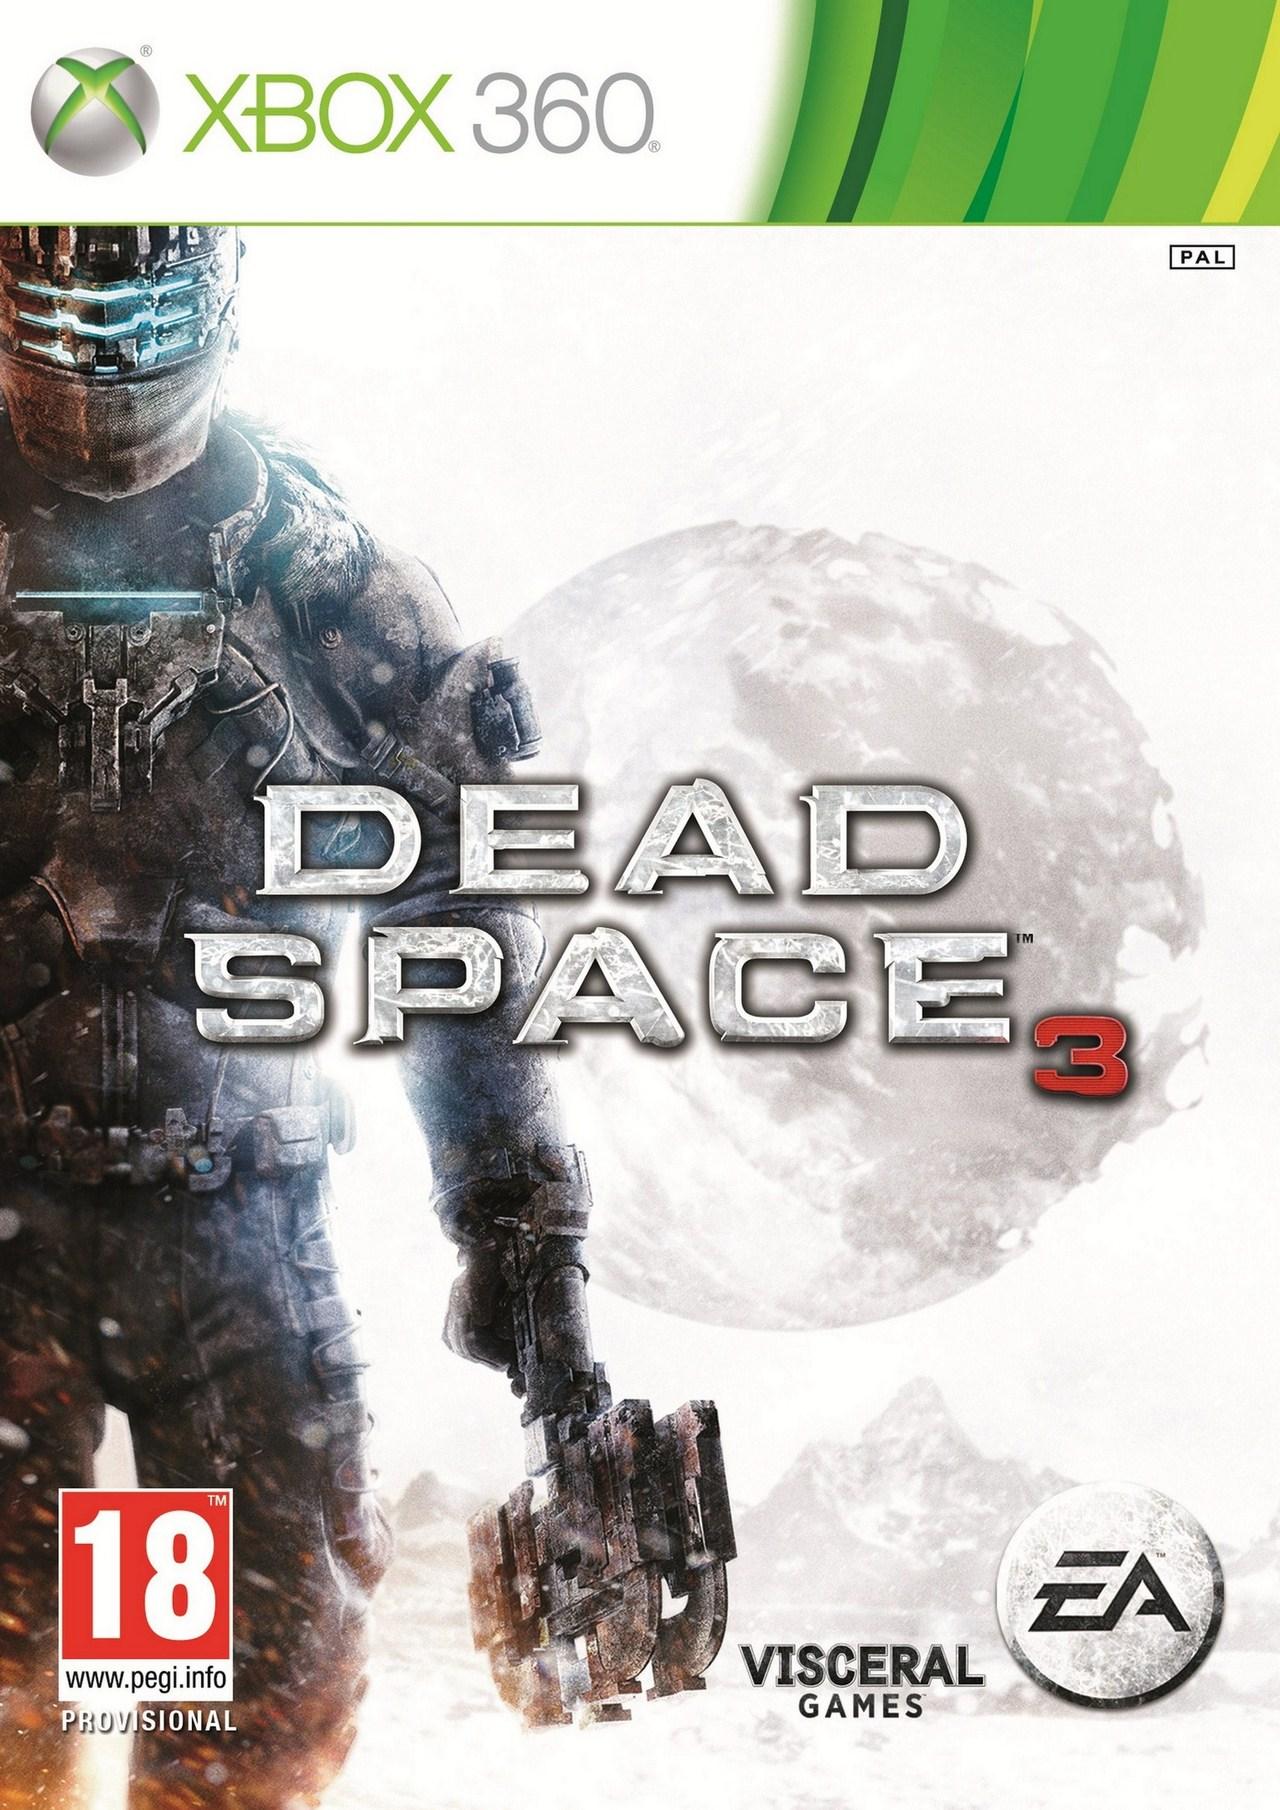 [MULTI] Dead Space 3 [XBOX 360]